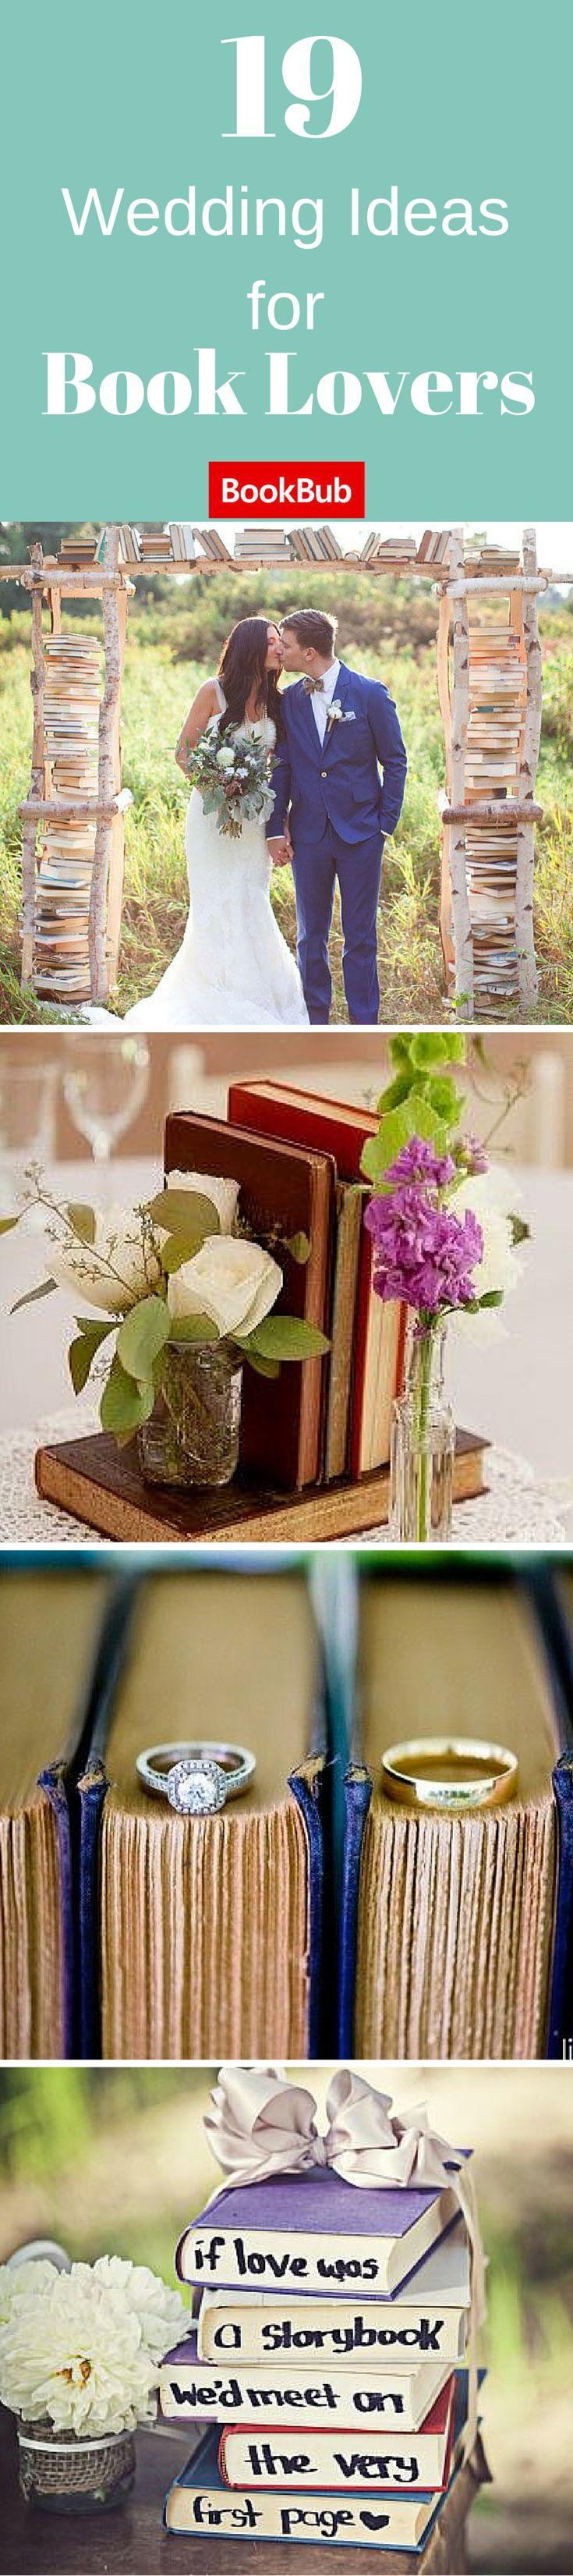 163066 Best #Junk Bookshop Images On Pinterest